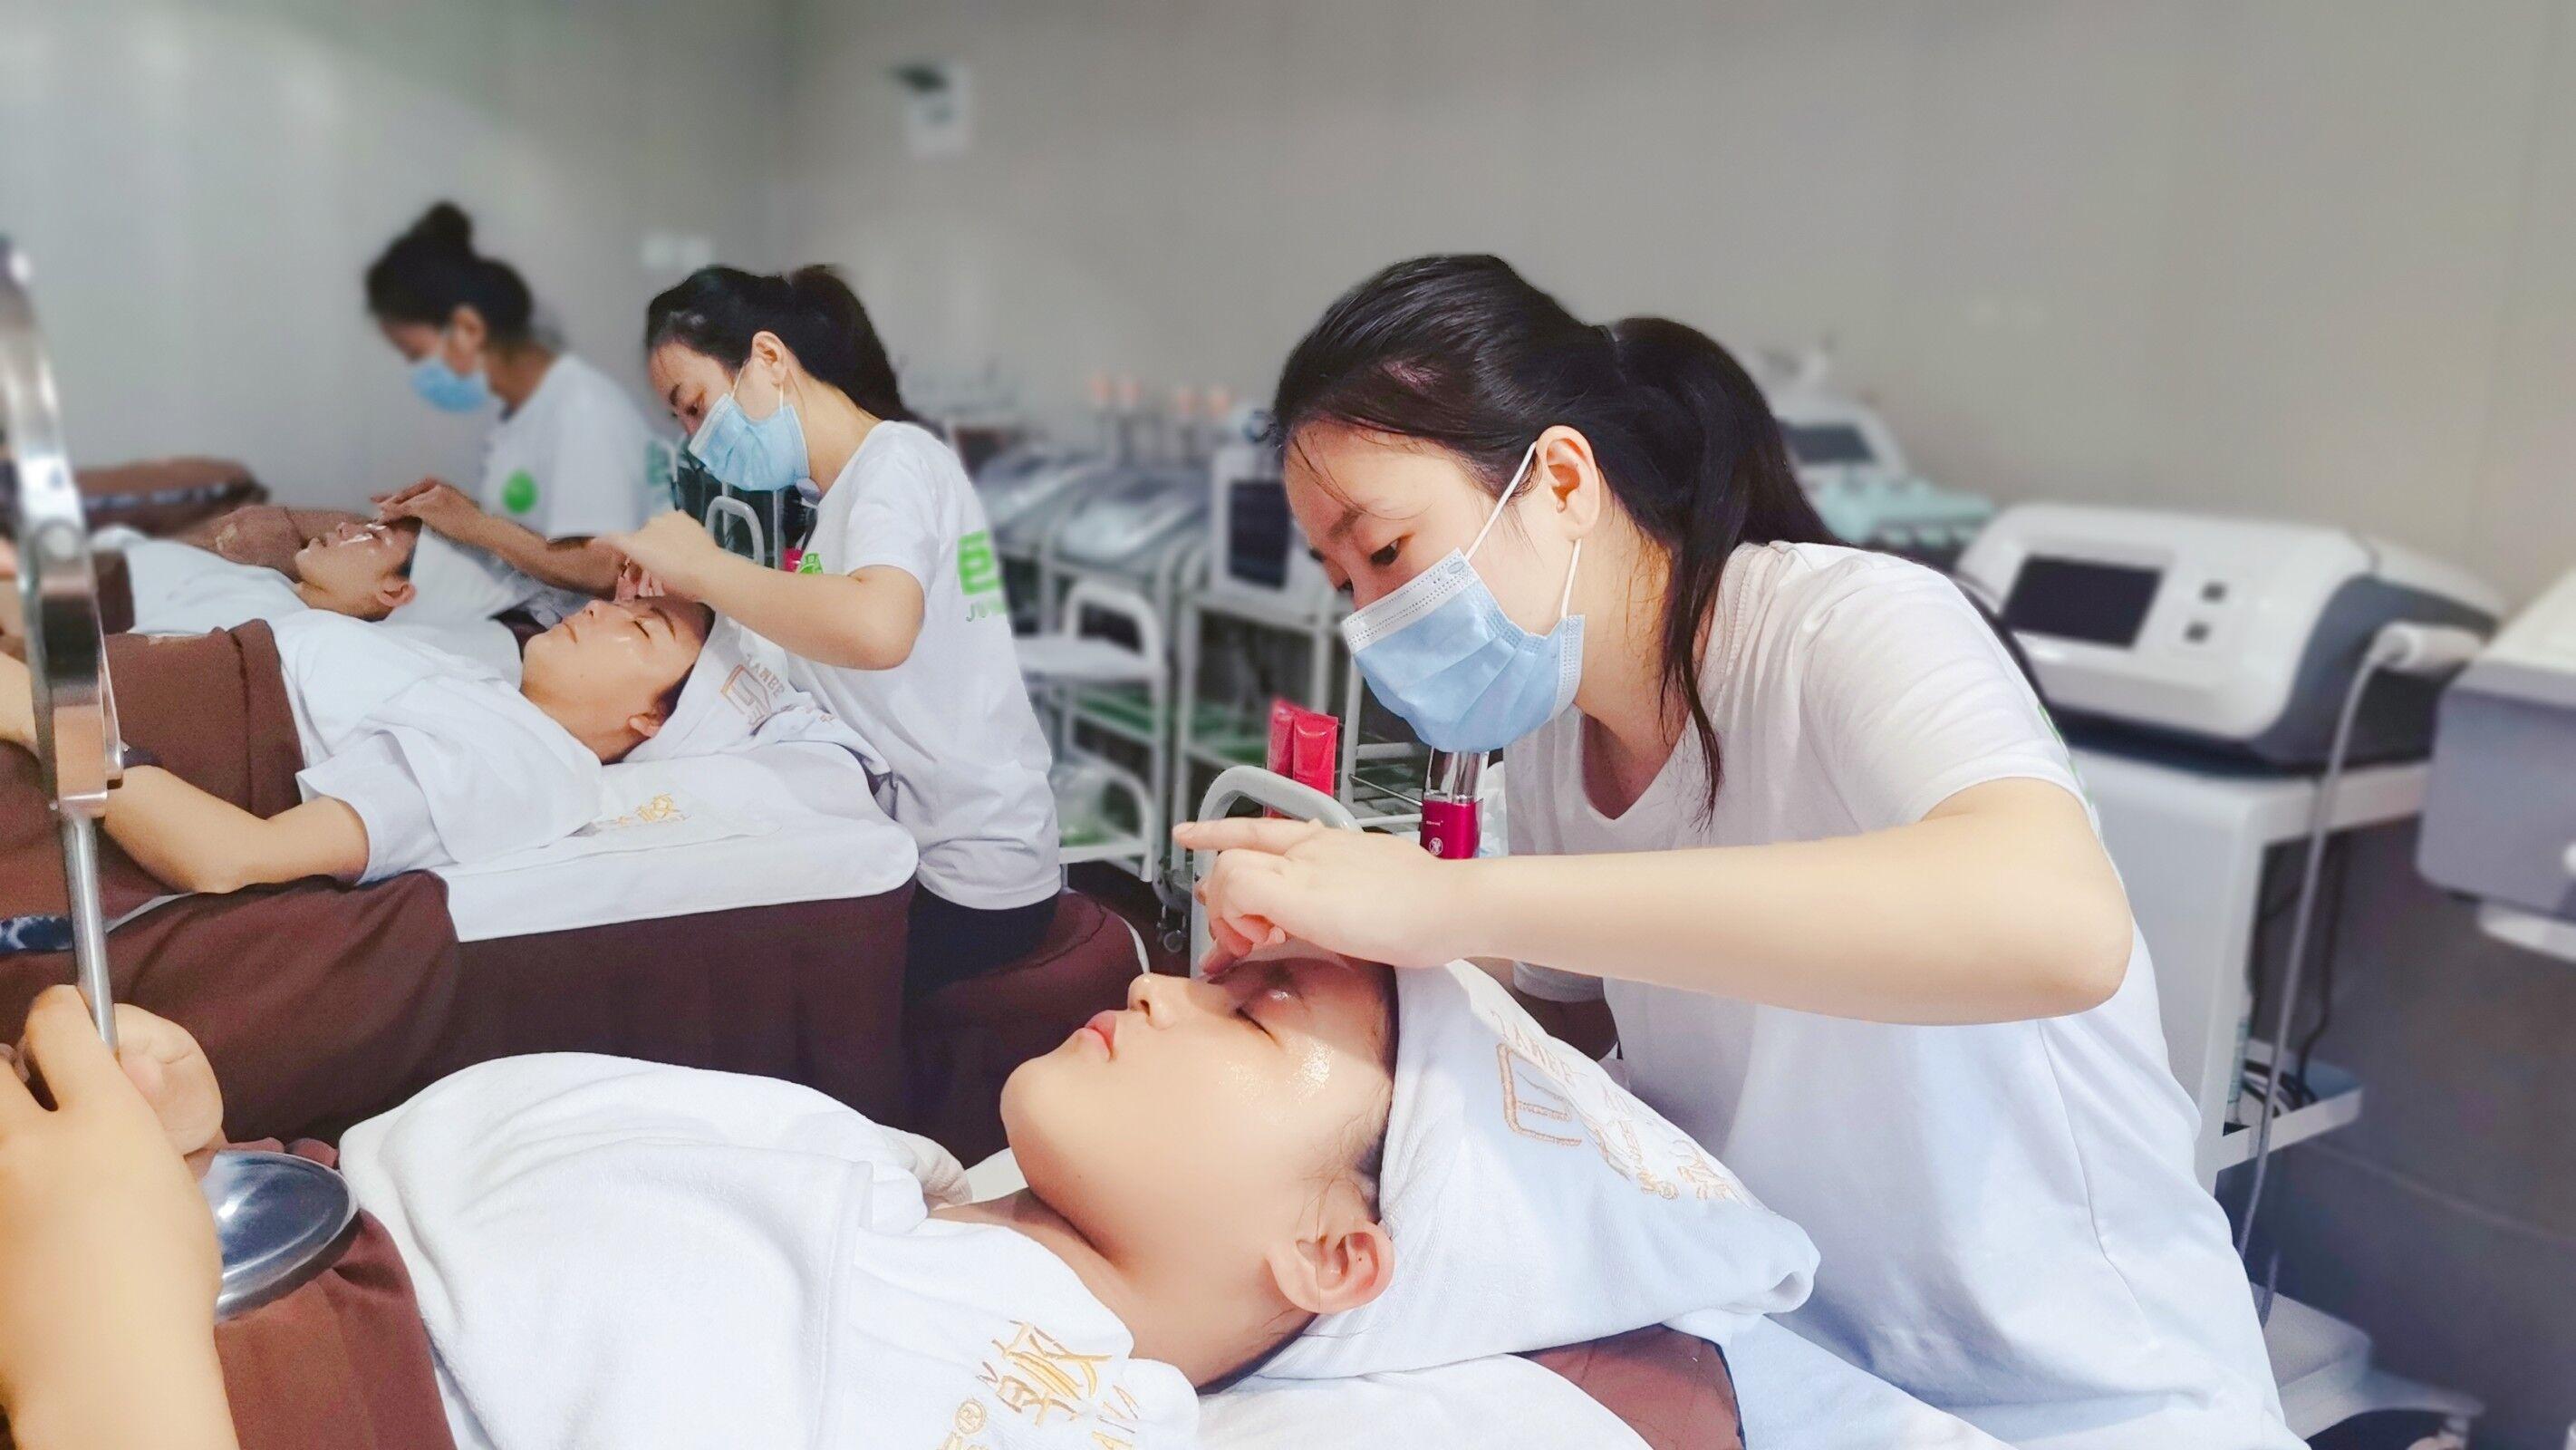 成都哪家美容培训学校更专业(成都哪里有专业的美容培训学校) ... ...